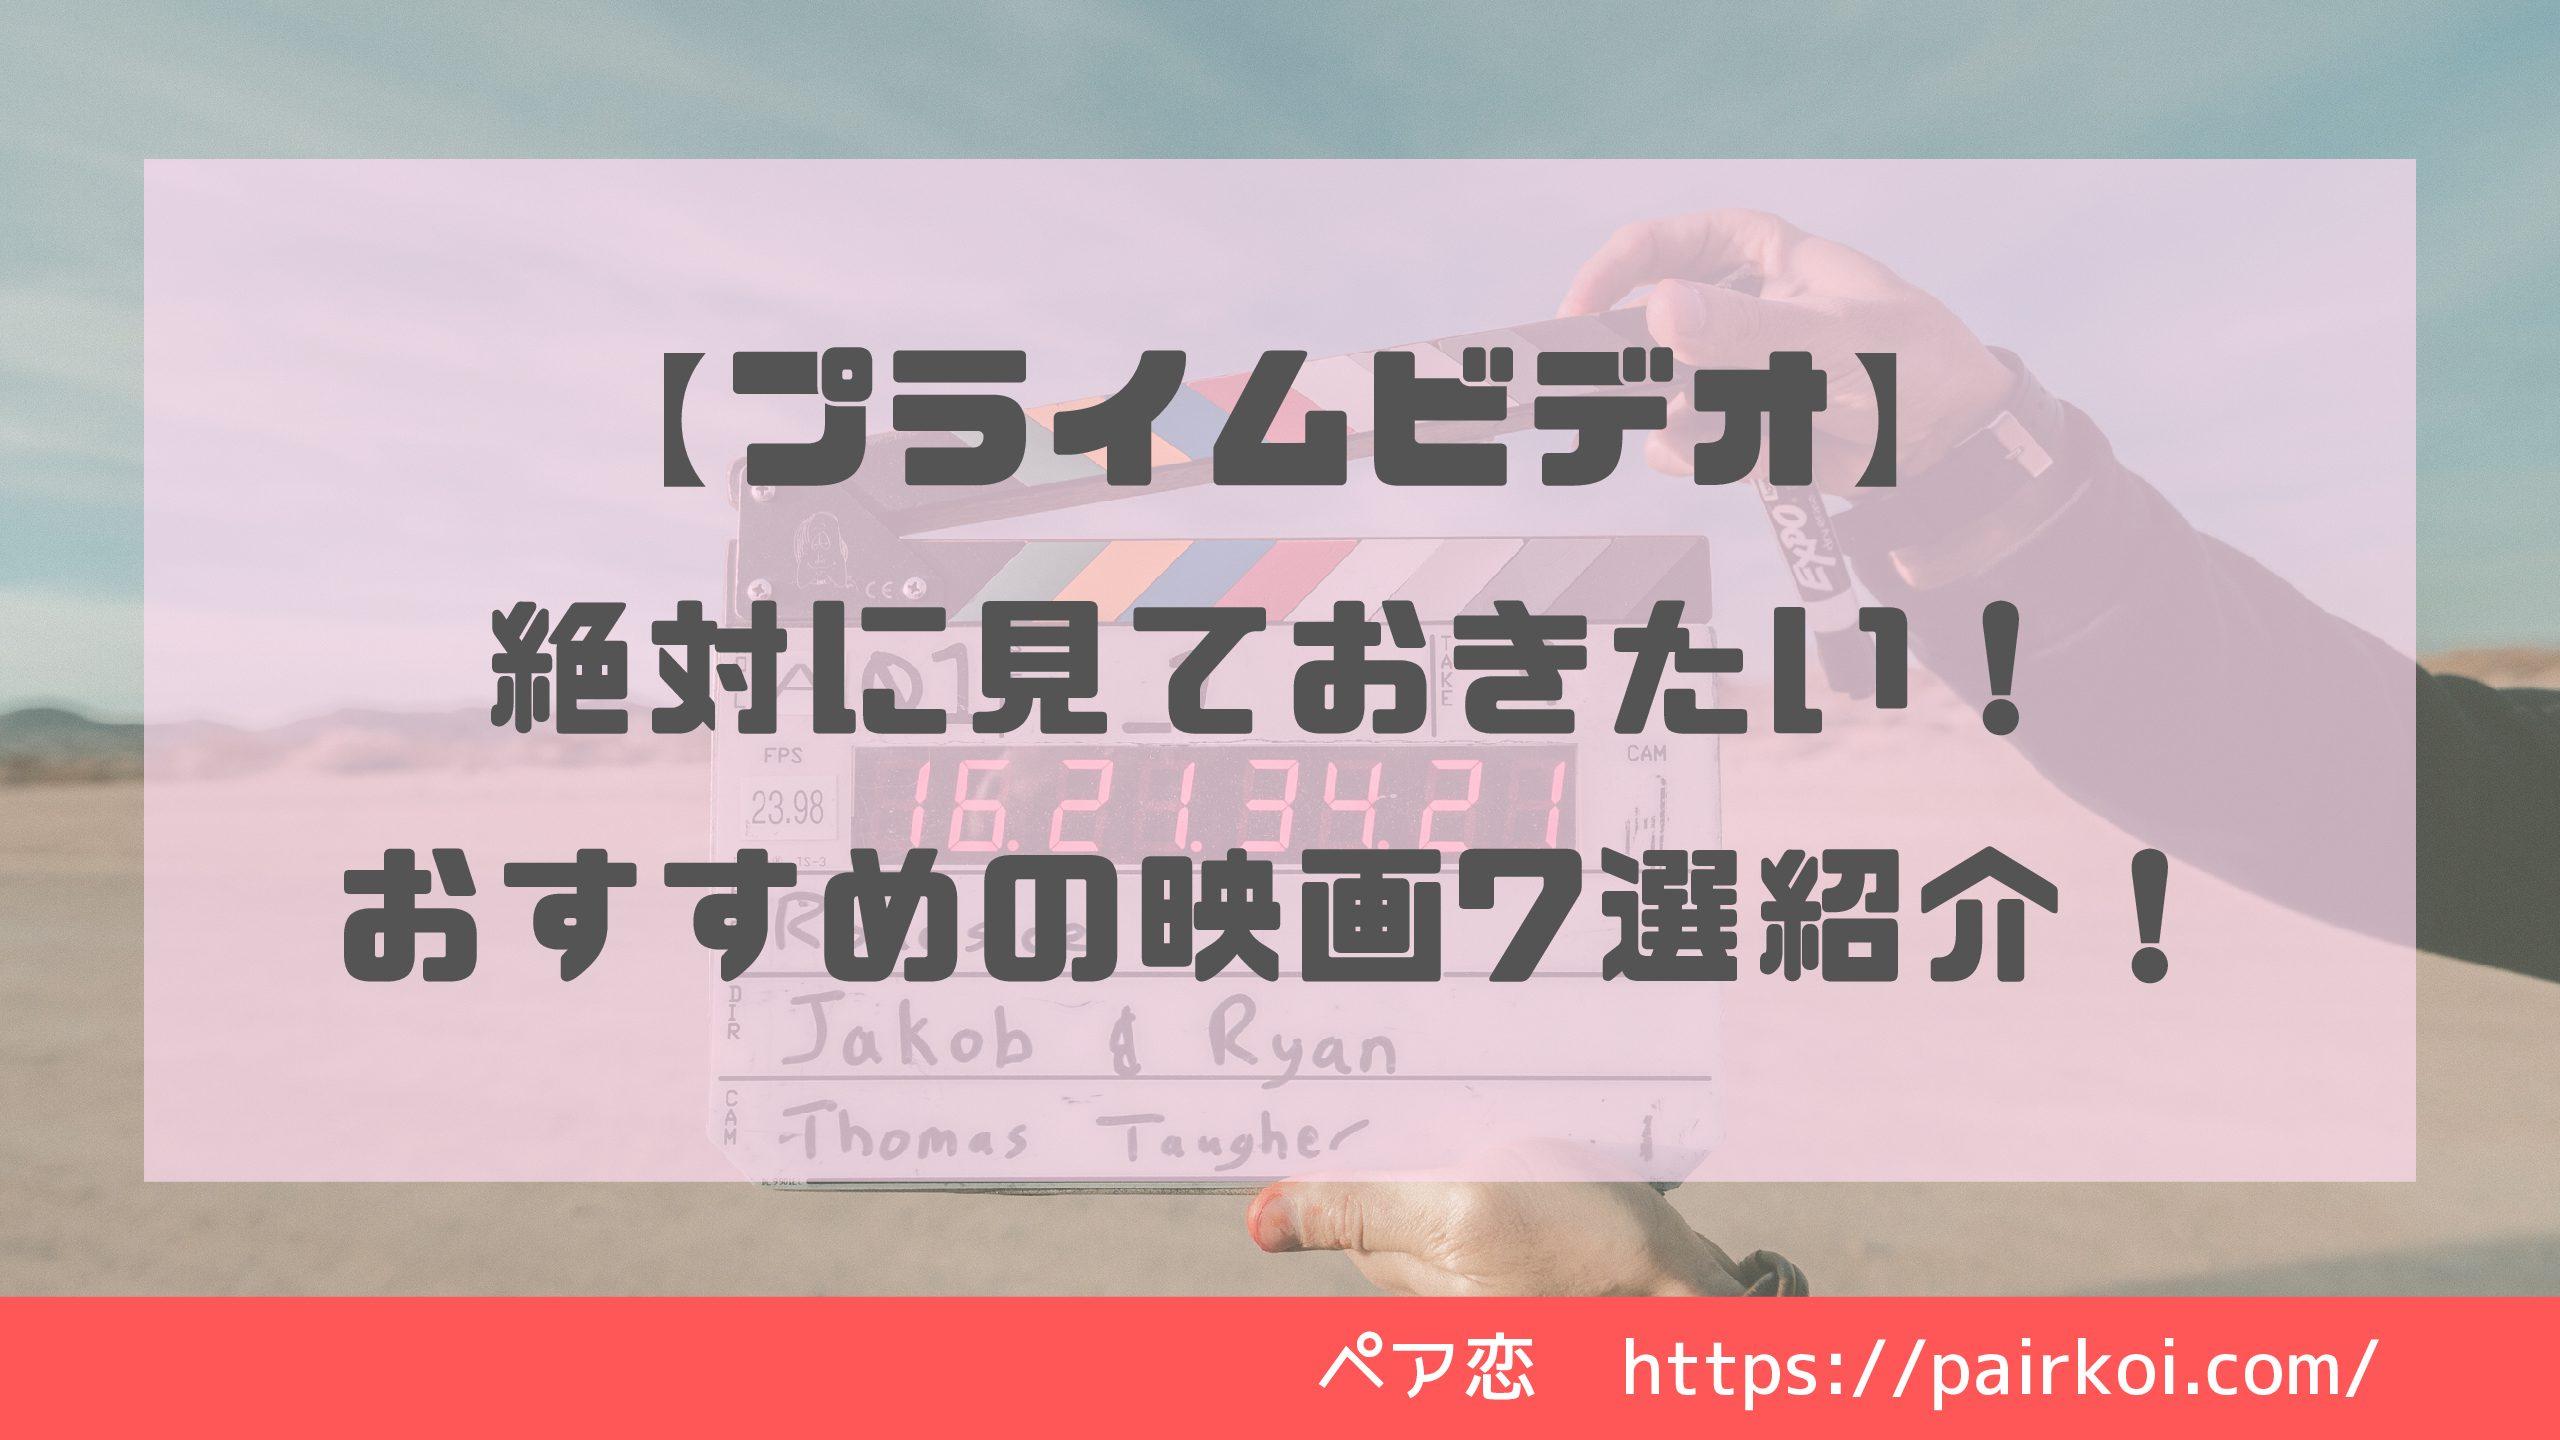 【プライムビデオ】絶対に見ておきたい!おすすめの映画7選紹介!